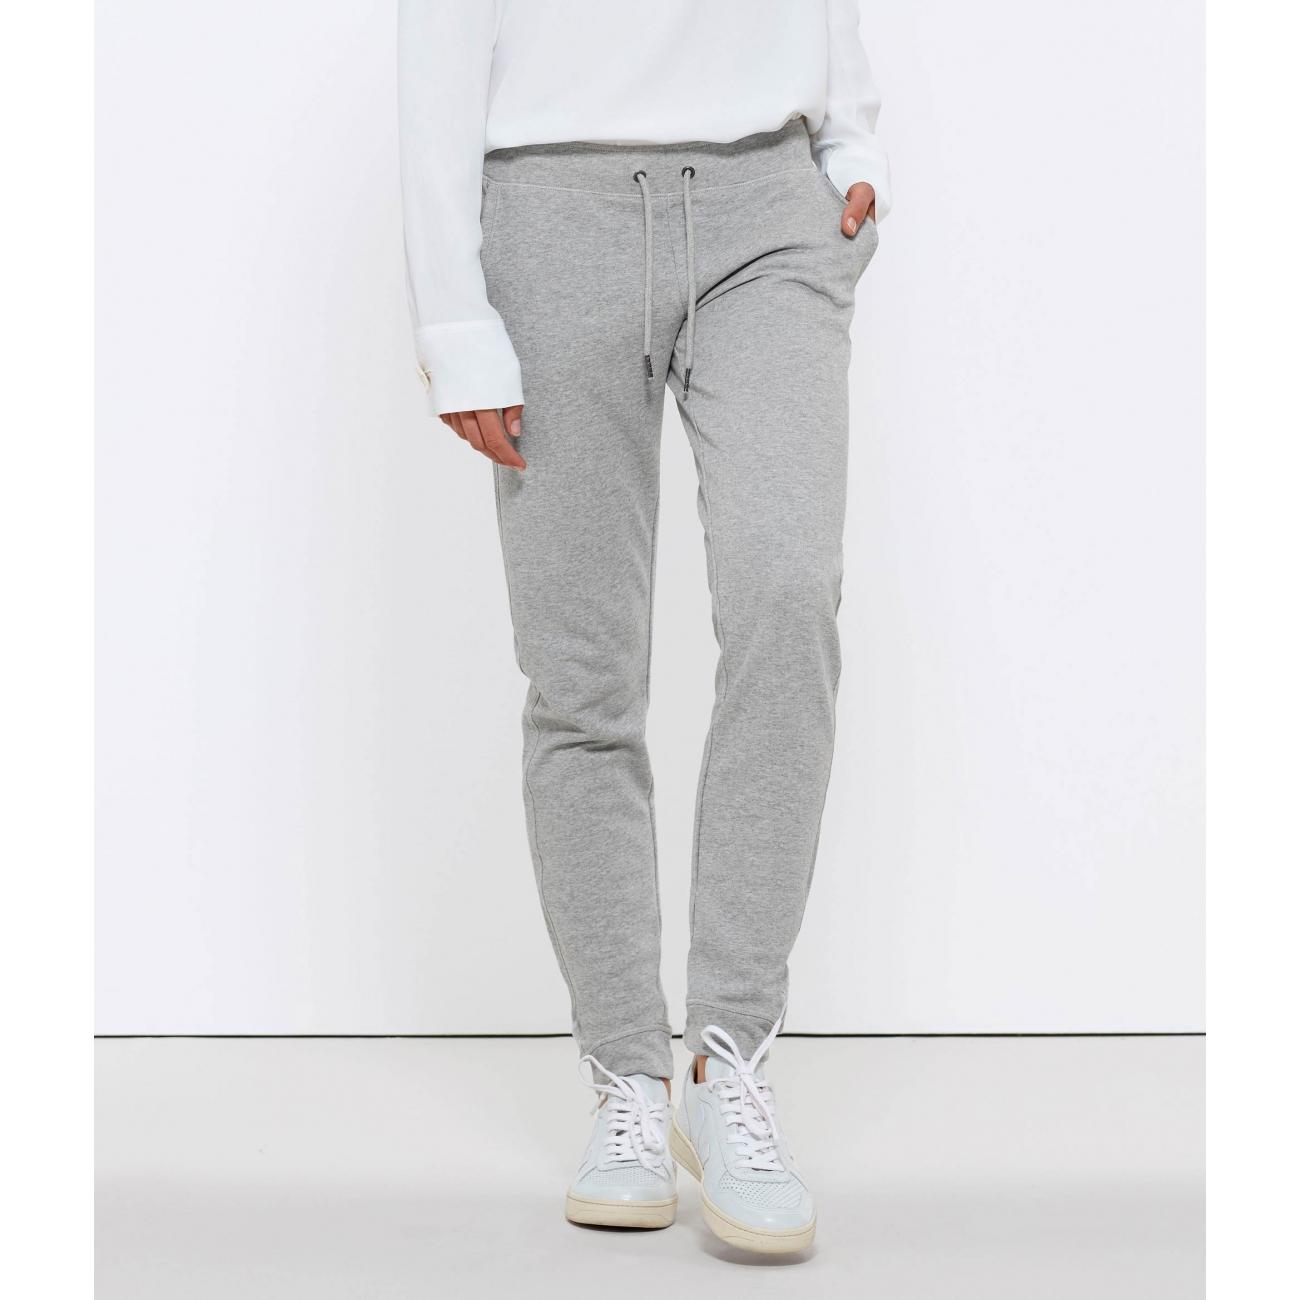 https://tee-shirt-bio.com/5604-thickbox_default/pantalon-de-jogging-en-coton-bio-gris-chine-pour-femme.jpg